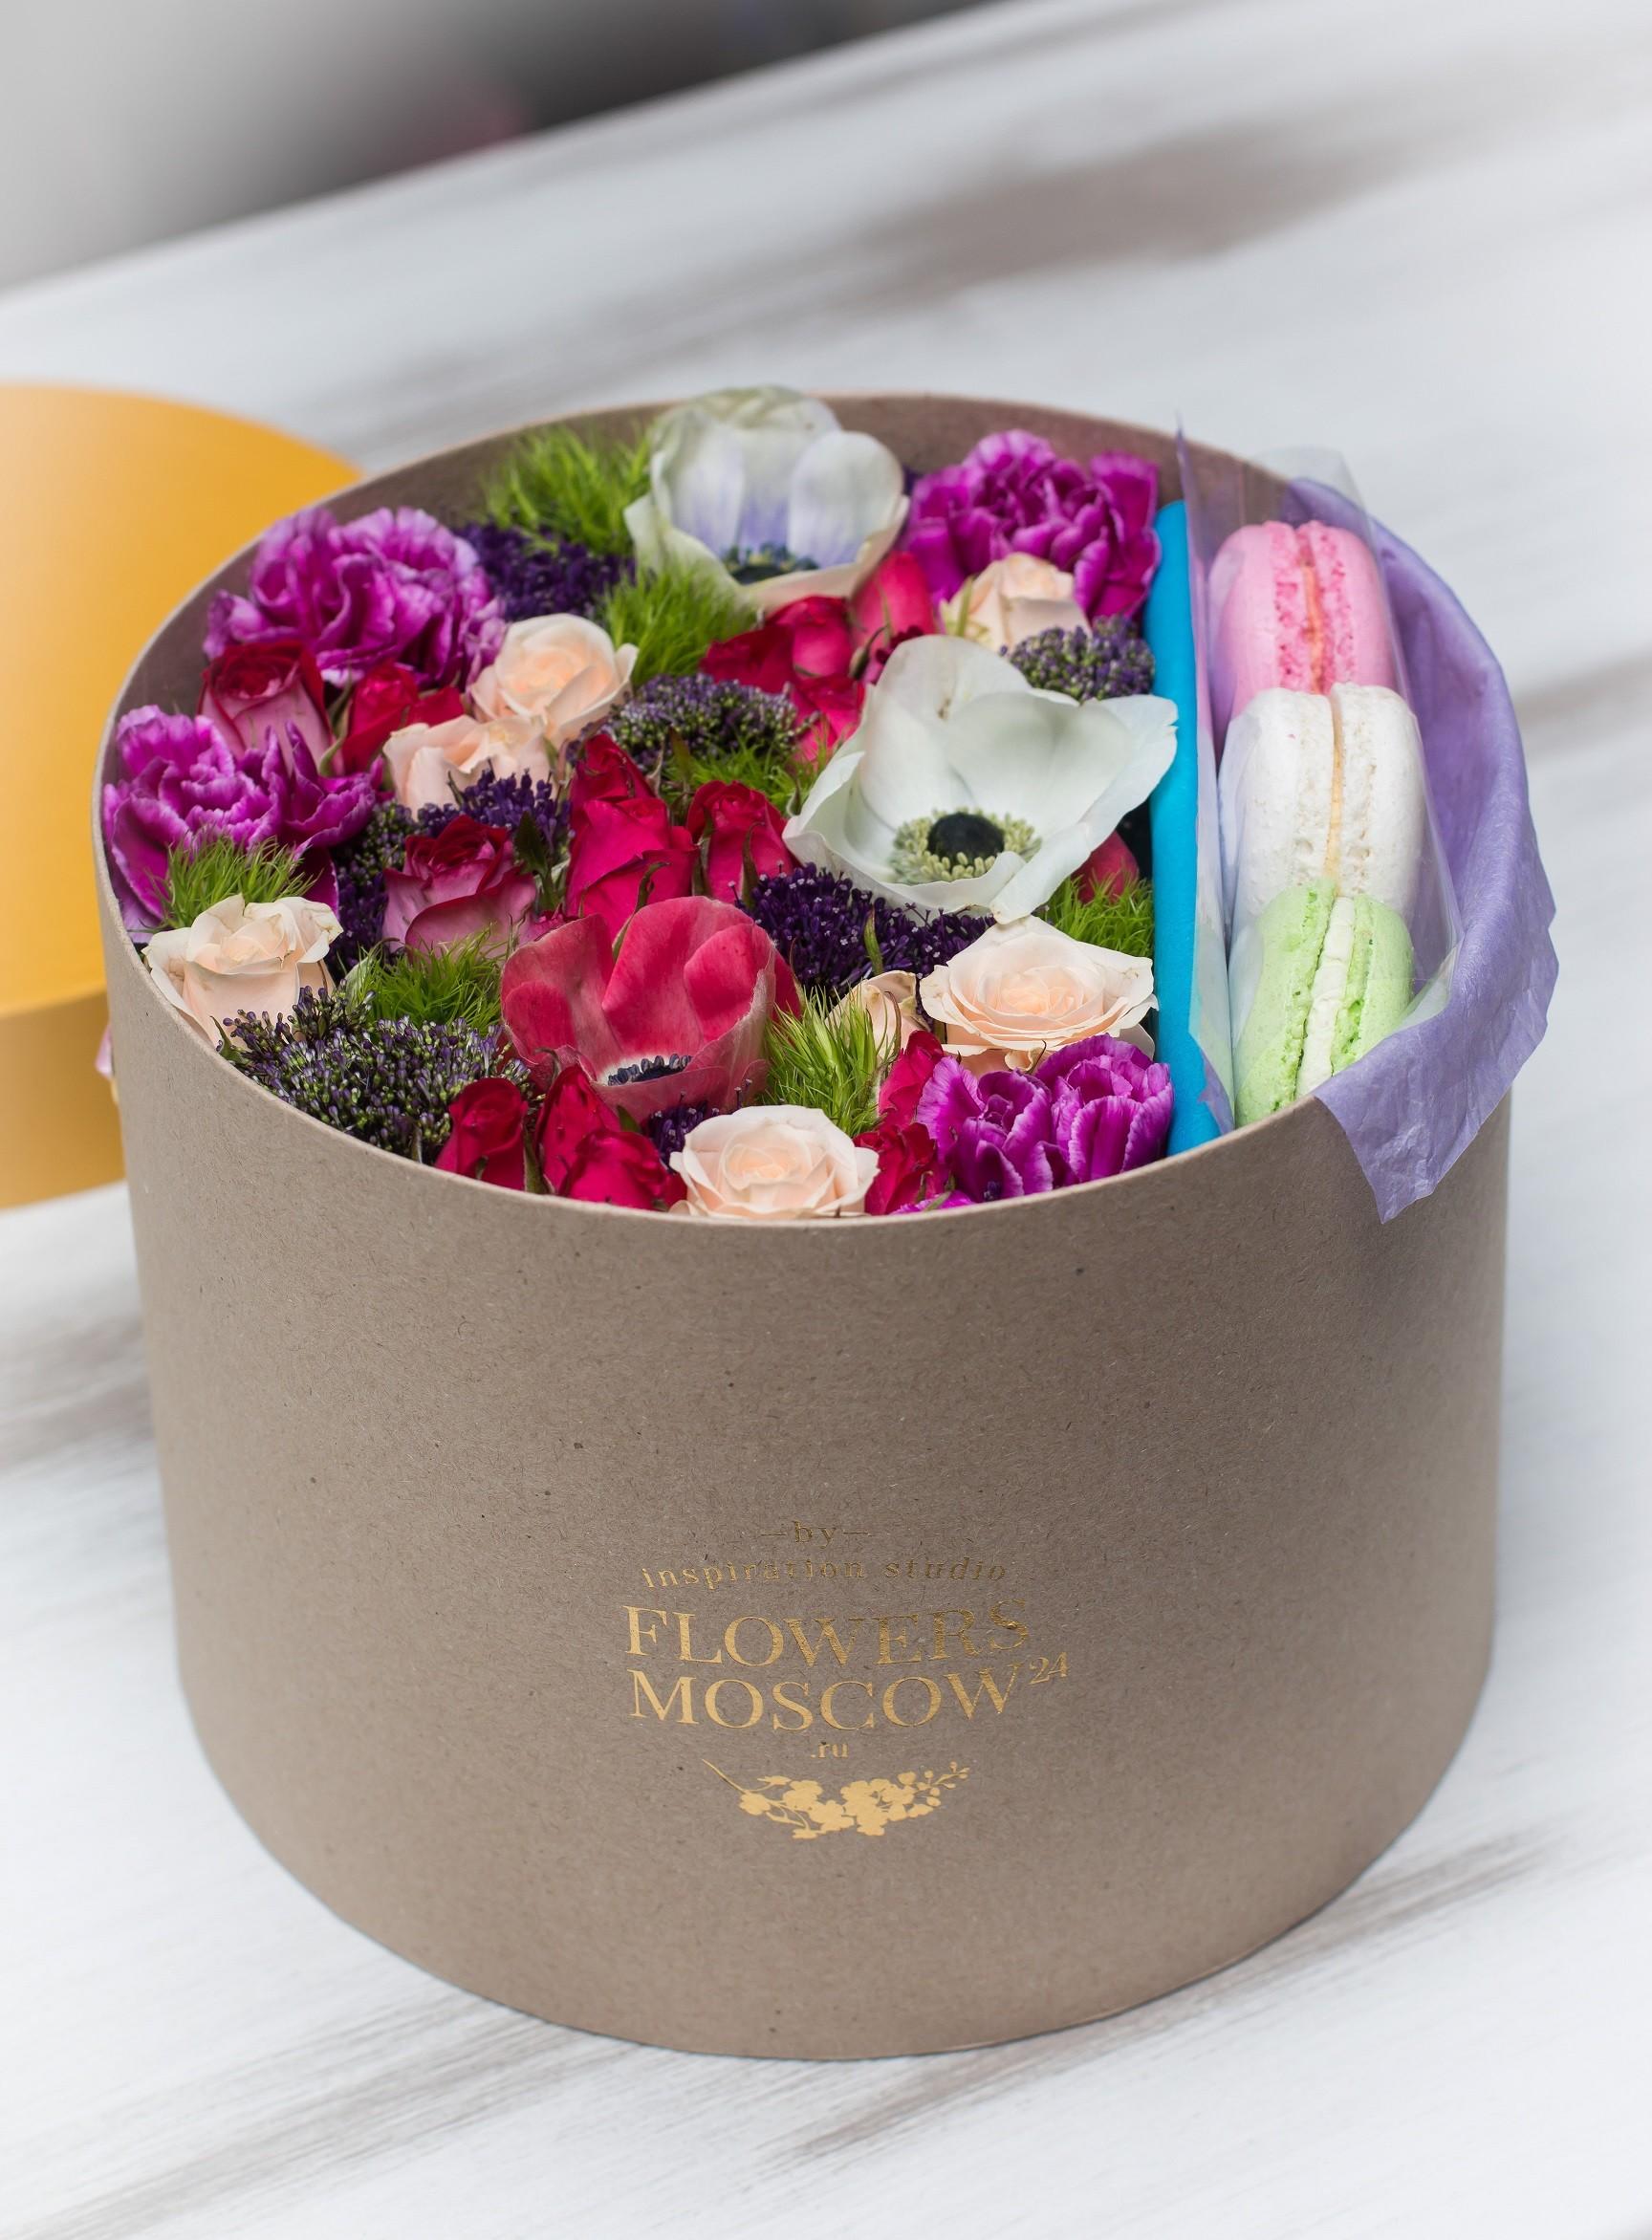 Купить шляпную коробку для цветов в москве